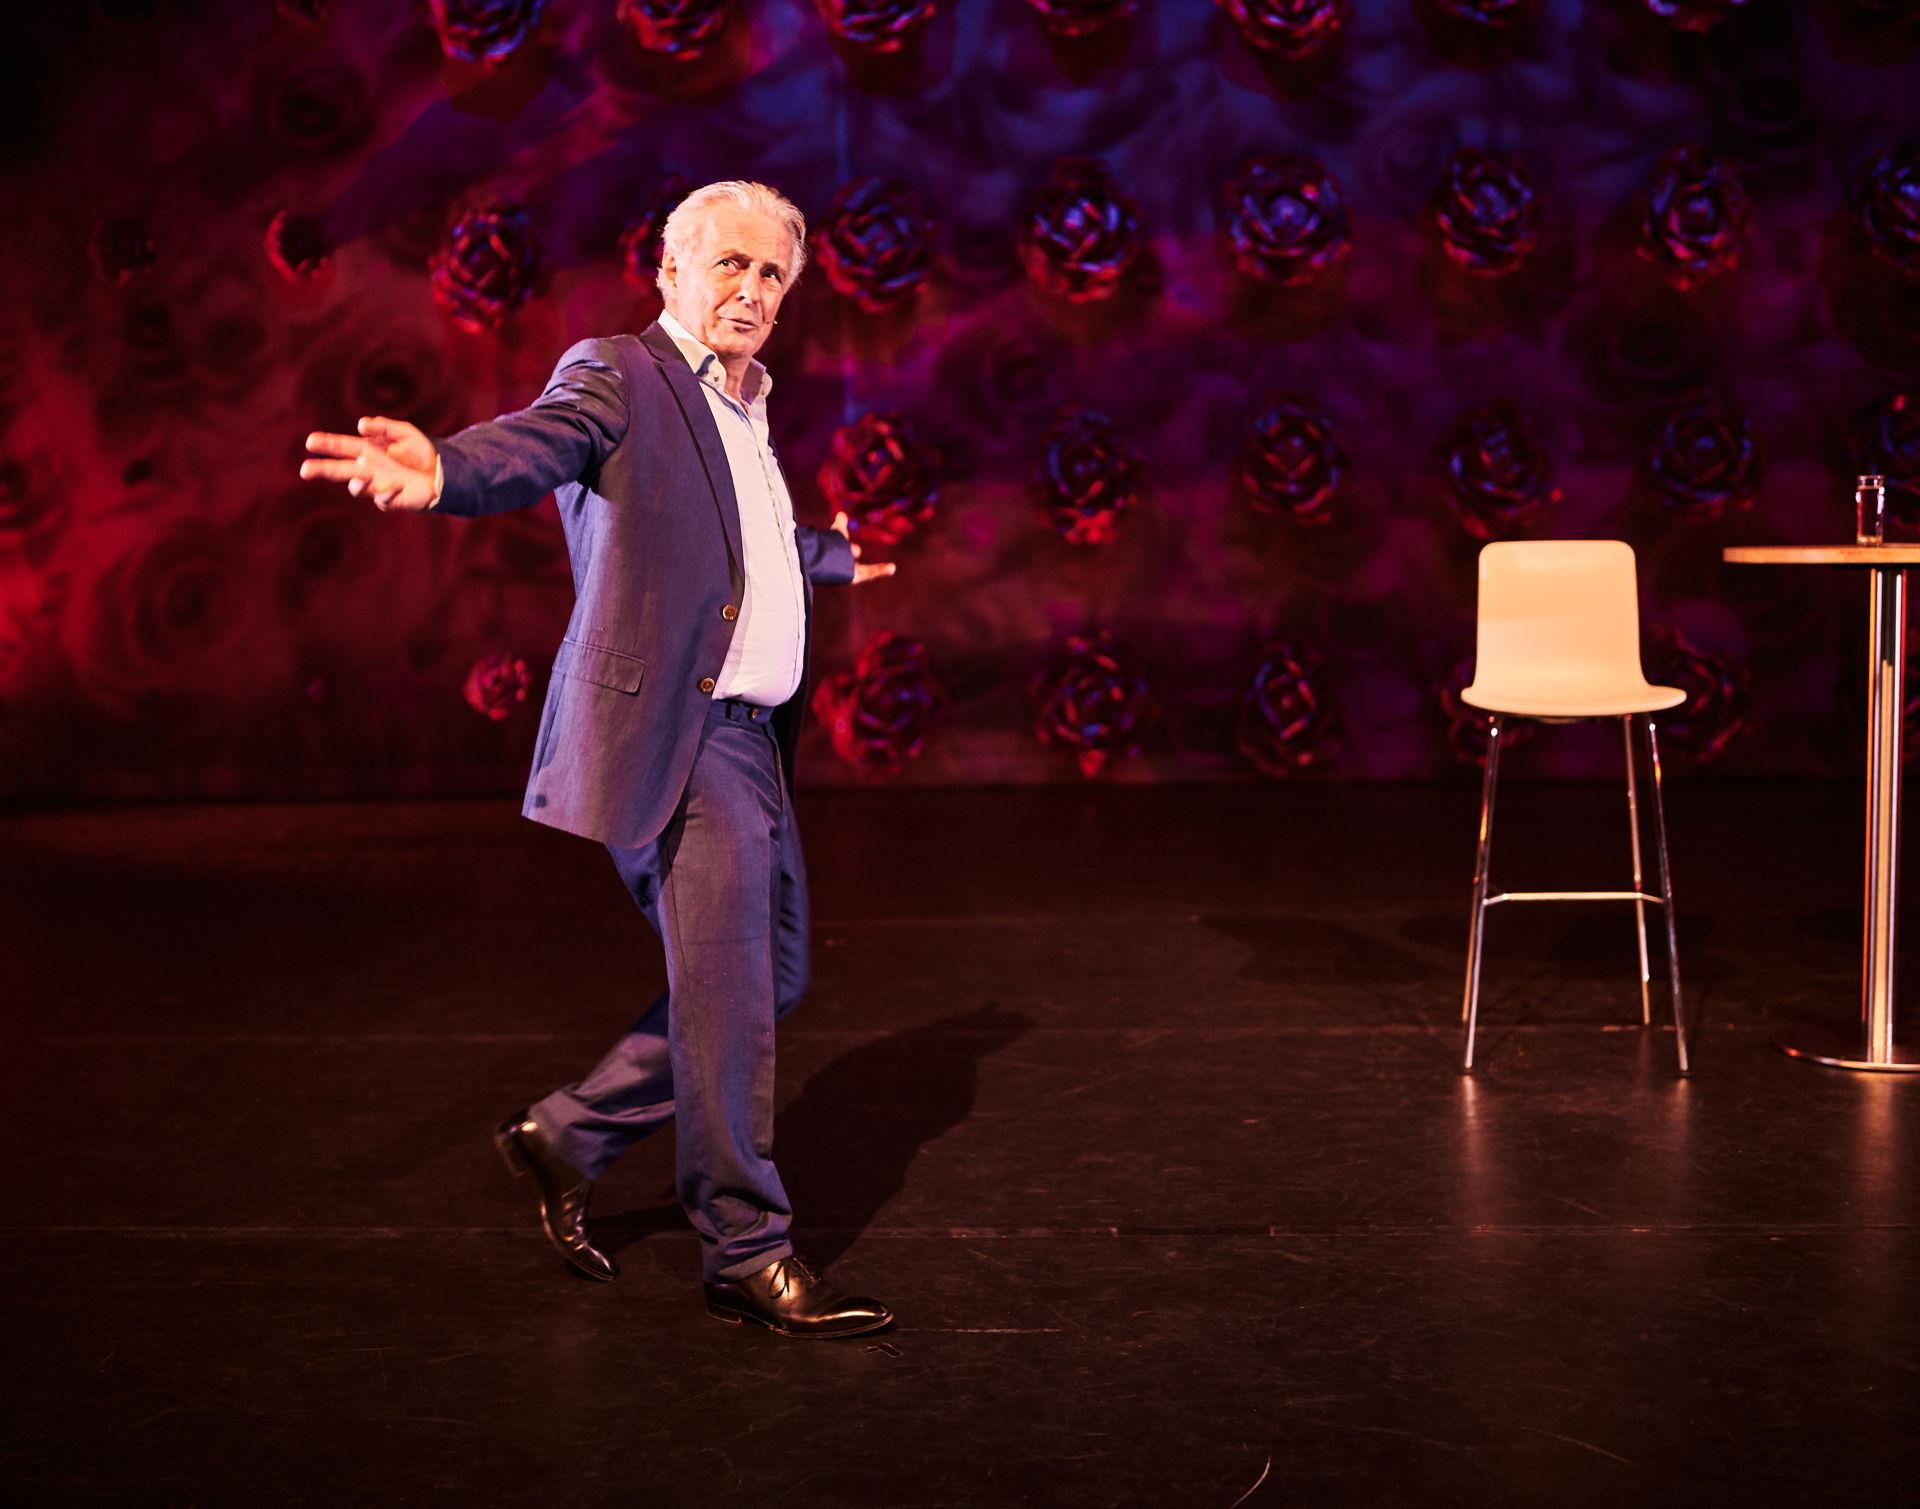 Op zaterdag 18 januari 2020 stond Huub Stapel in De Tamboer met zijn voorstelling Het Huwelijk.